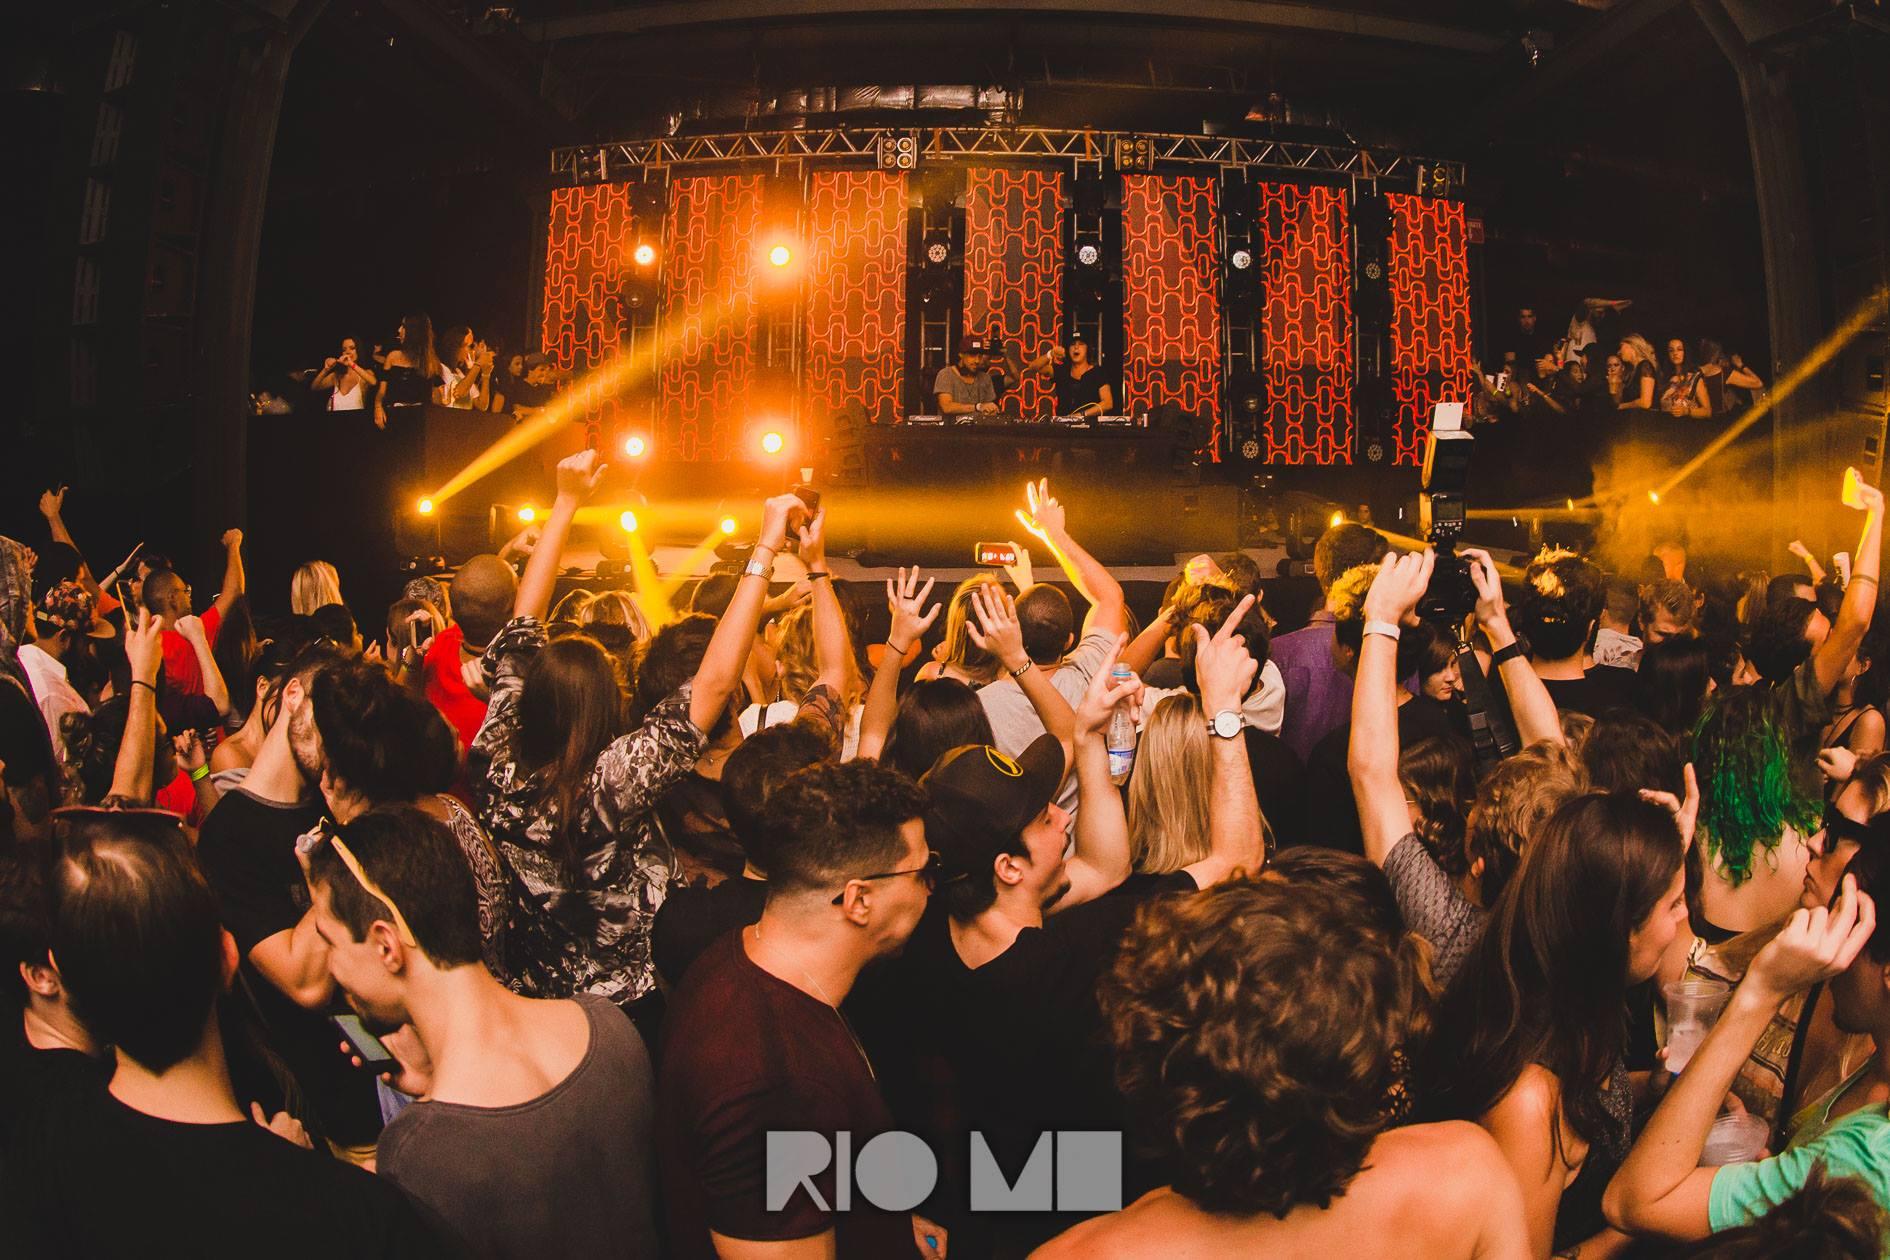 Rio de Janeiro Electronic Music Festival